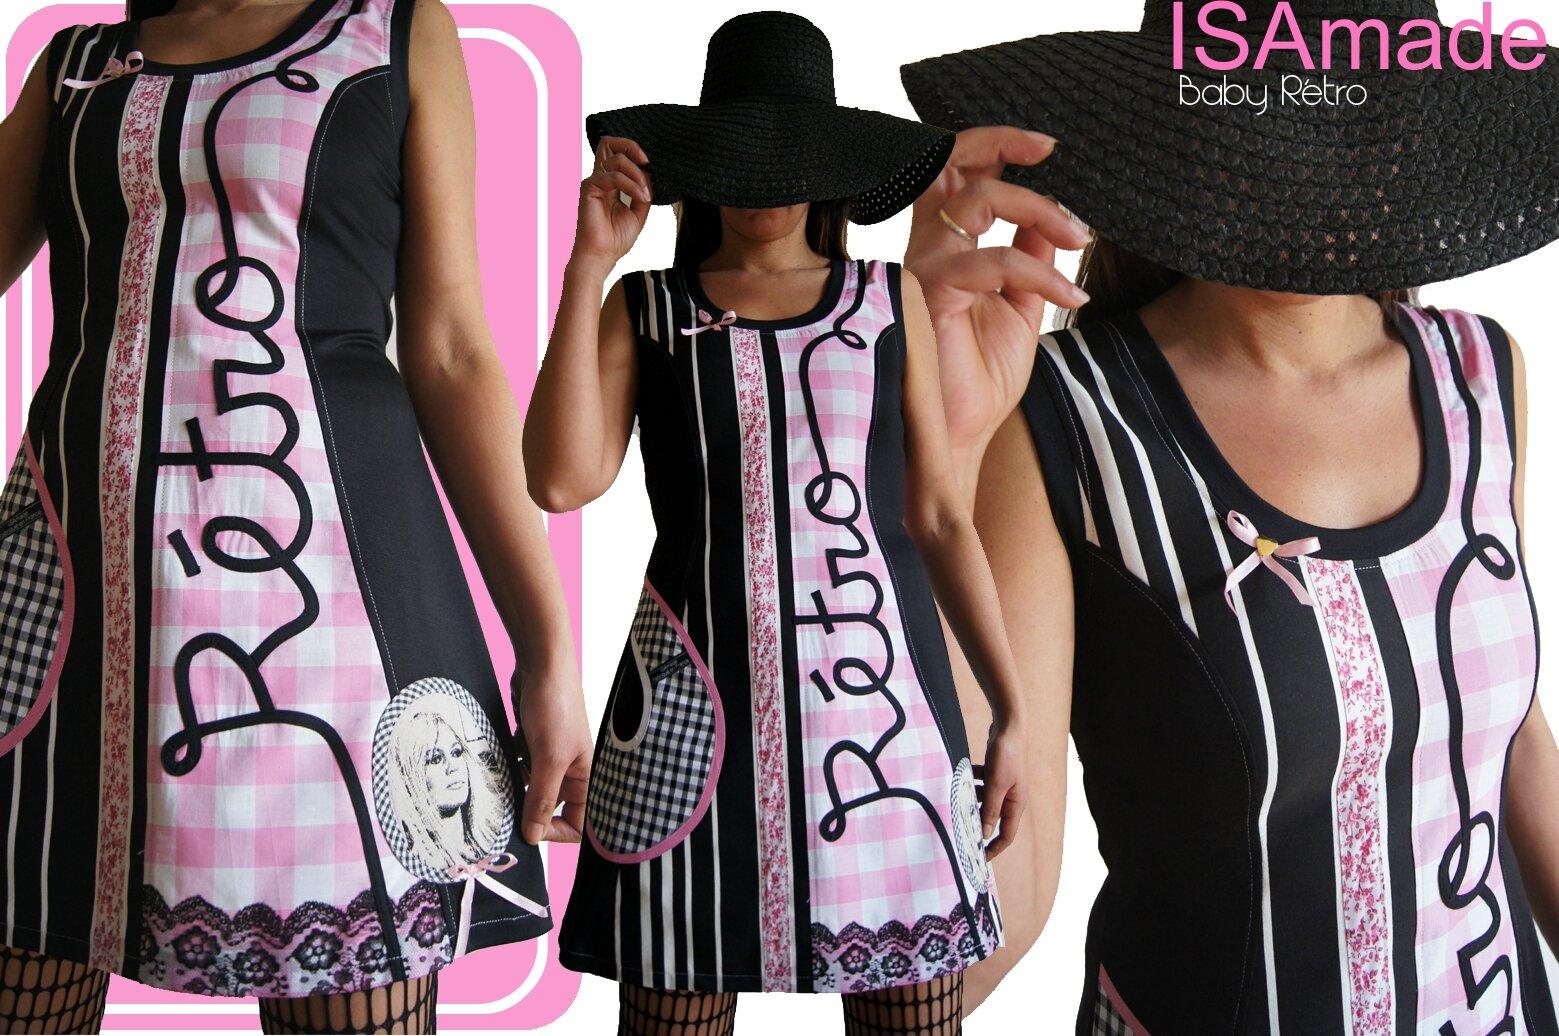 esprit vintage r tro les codes mode des ann es 60 robe maille noire et rose en vichy look. Black Bedroom Furniture Sets. Home Design Ideas